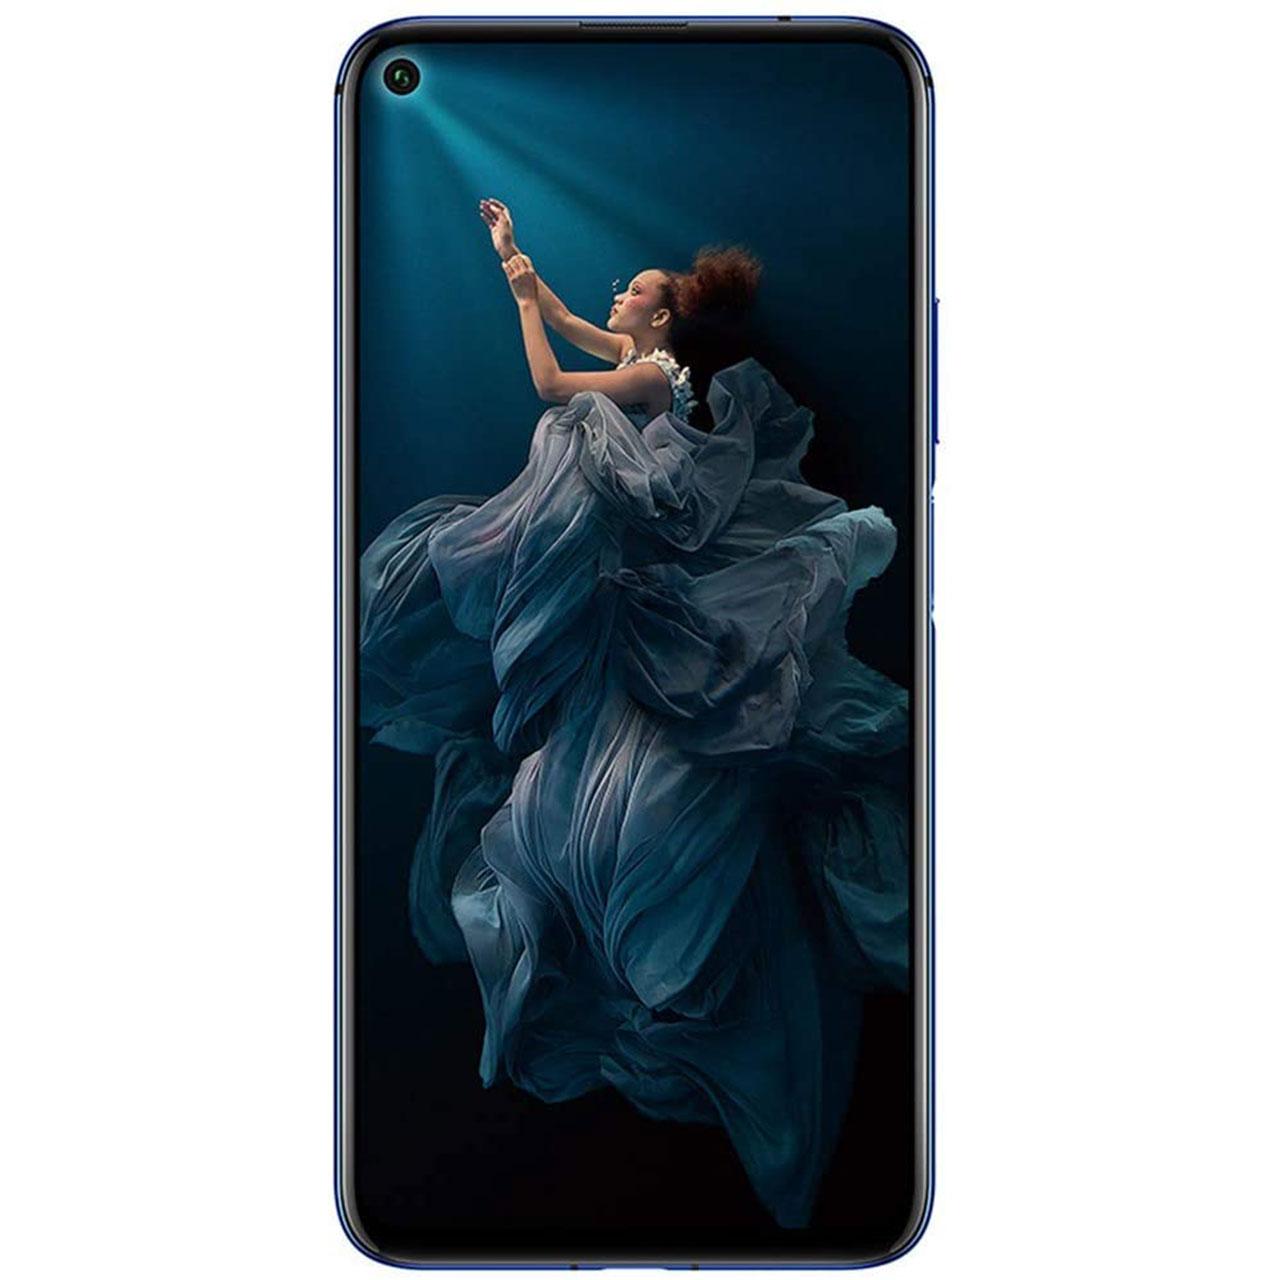 گوشی موبایل آنر مدل ۲۰ YAL-L21 دو سیم کارت ظرفیت ۱۲۸ گیگابایت